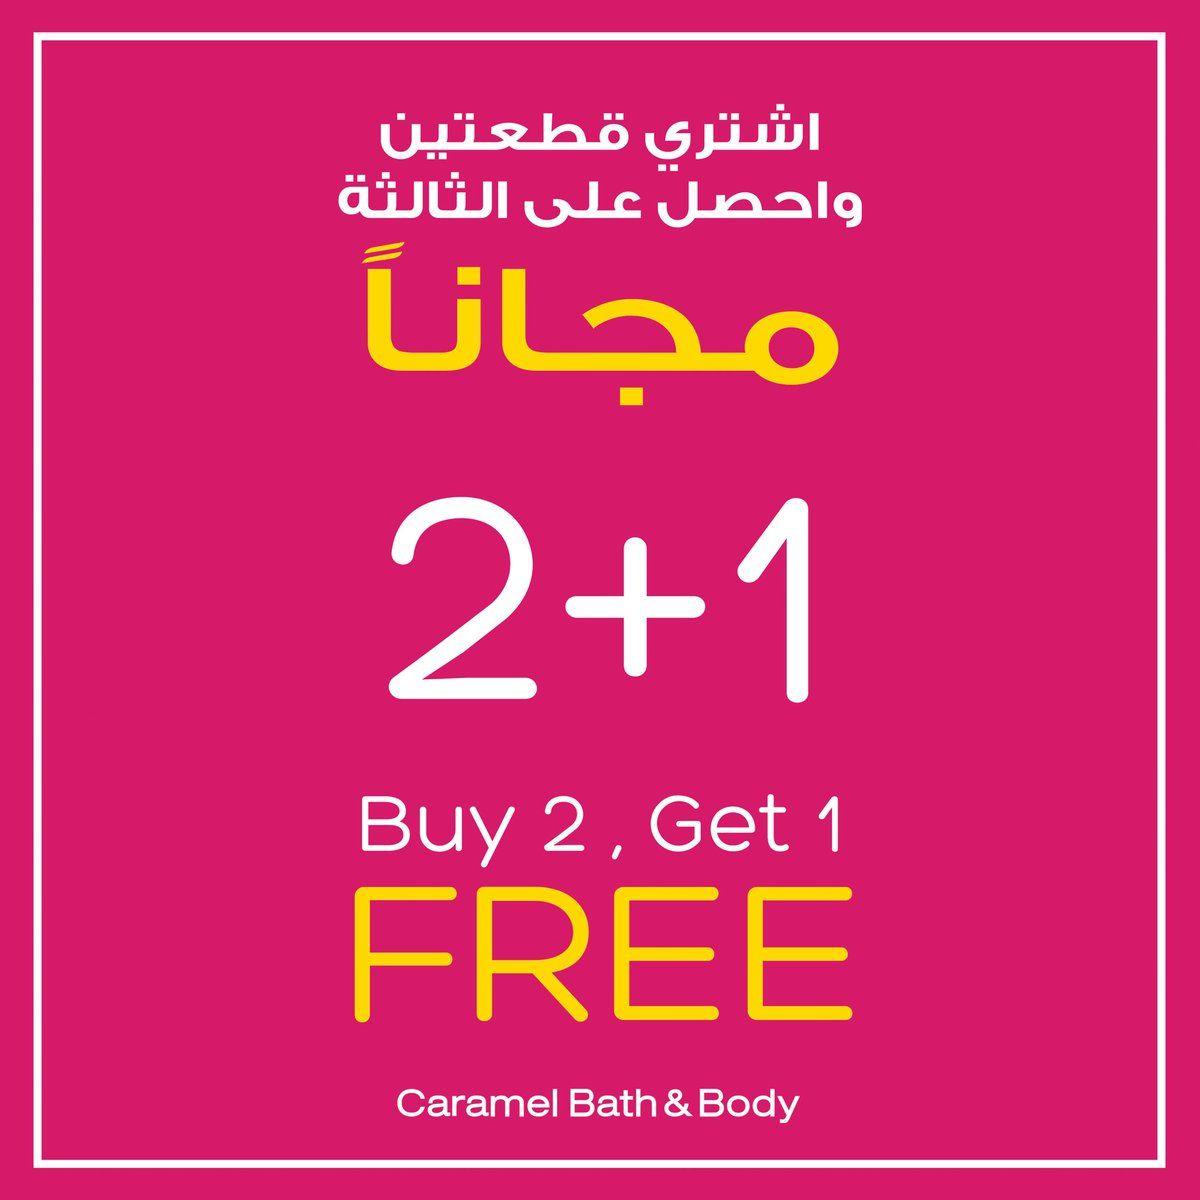 عروض كراميل باث اند بودي السعودية اشتر قطعتين و احصل علي الثالثة مجانا Https Www 3orod Today Saudi Arabia Offers Caram Bath And Body Caramel Calm Artwork